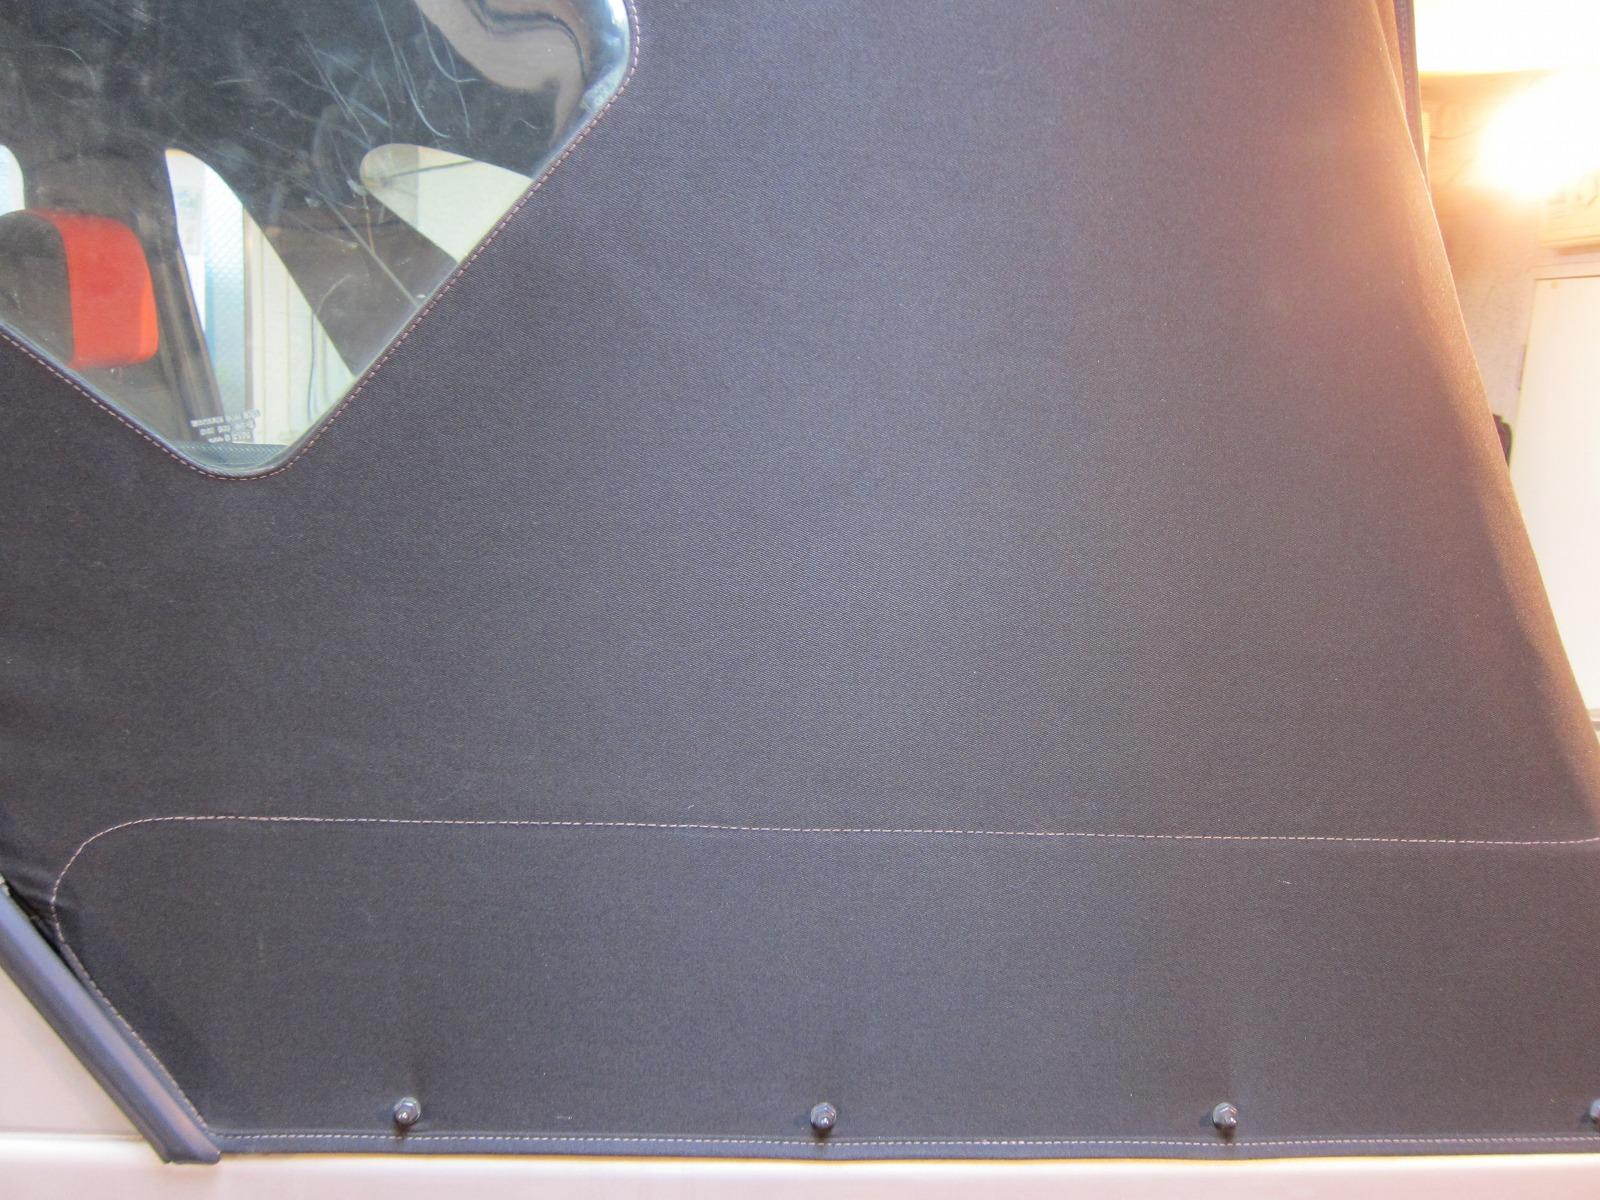 20140414-mercedes-benz-g320-01